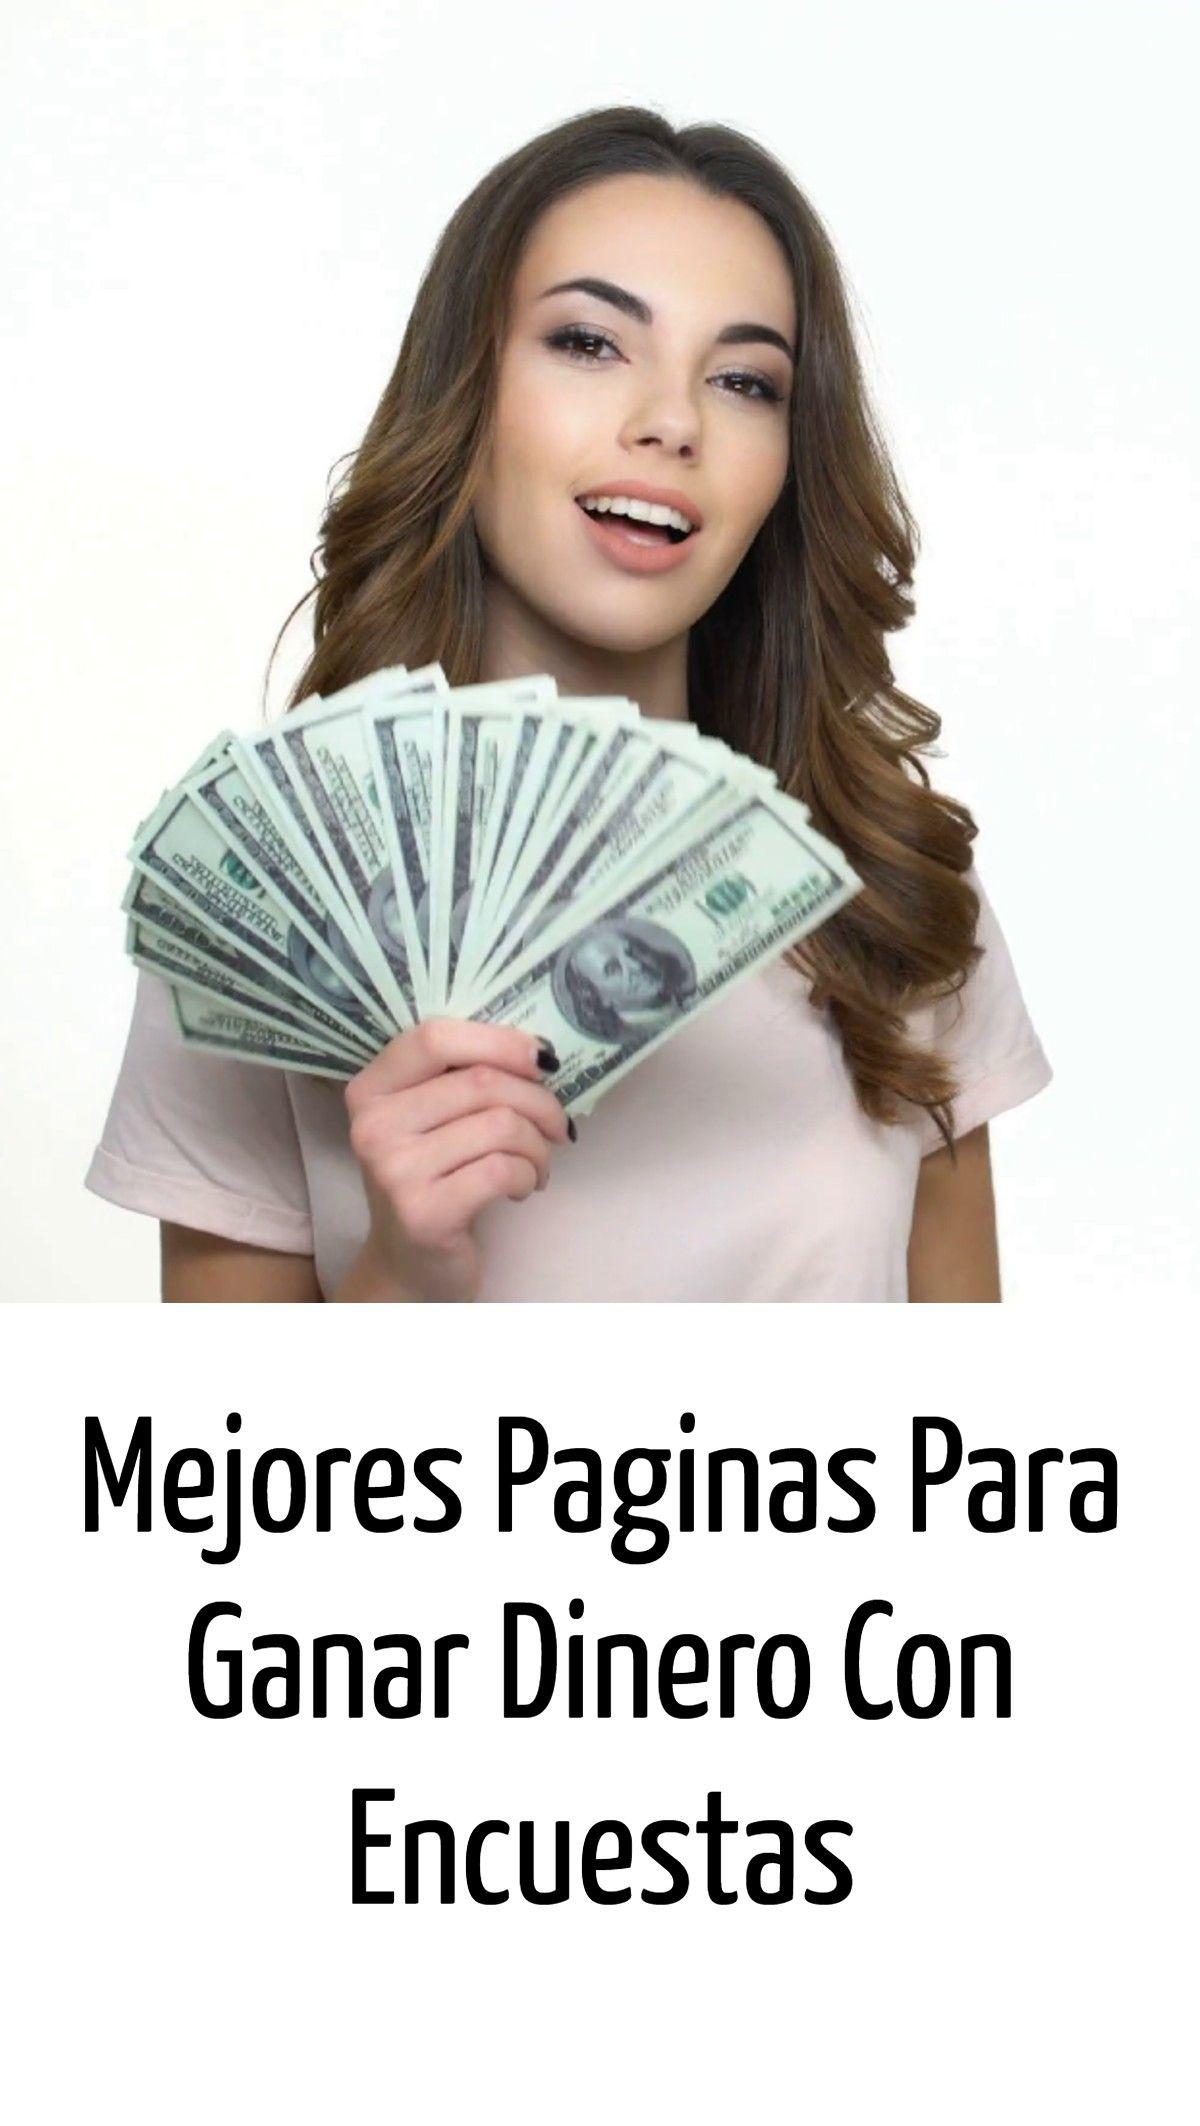 Ganar Dinero Con Encuestas Financial Education